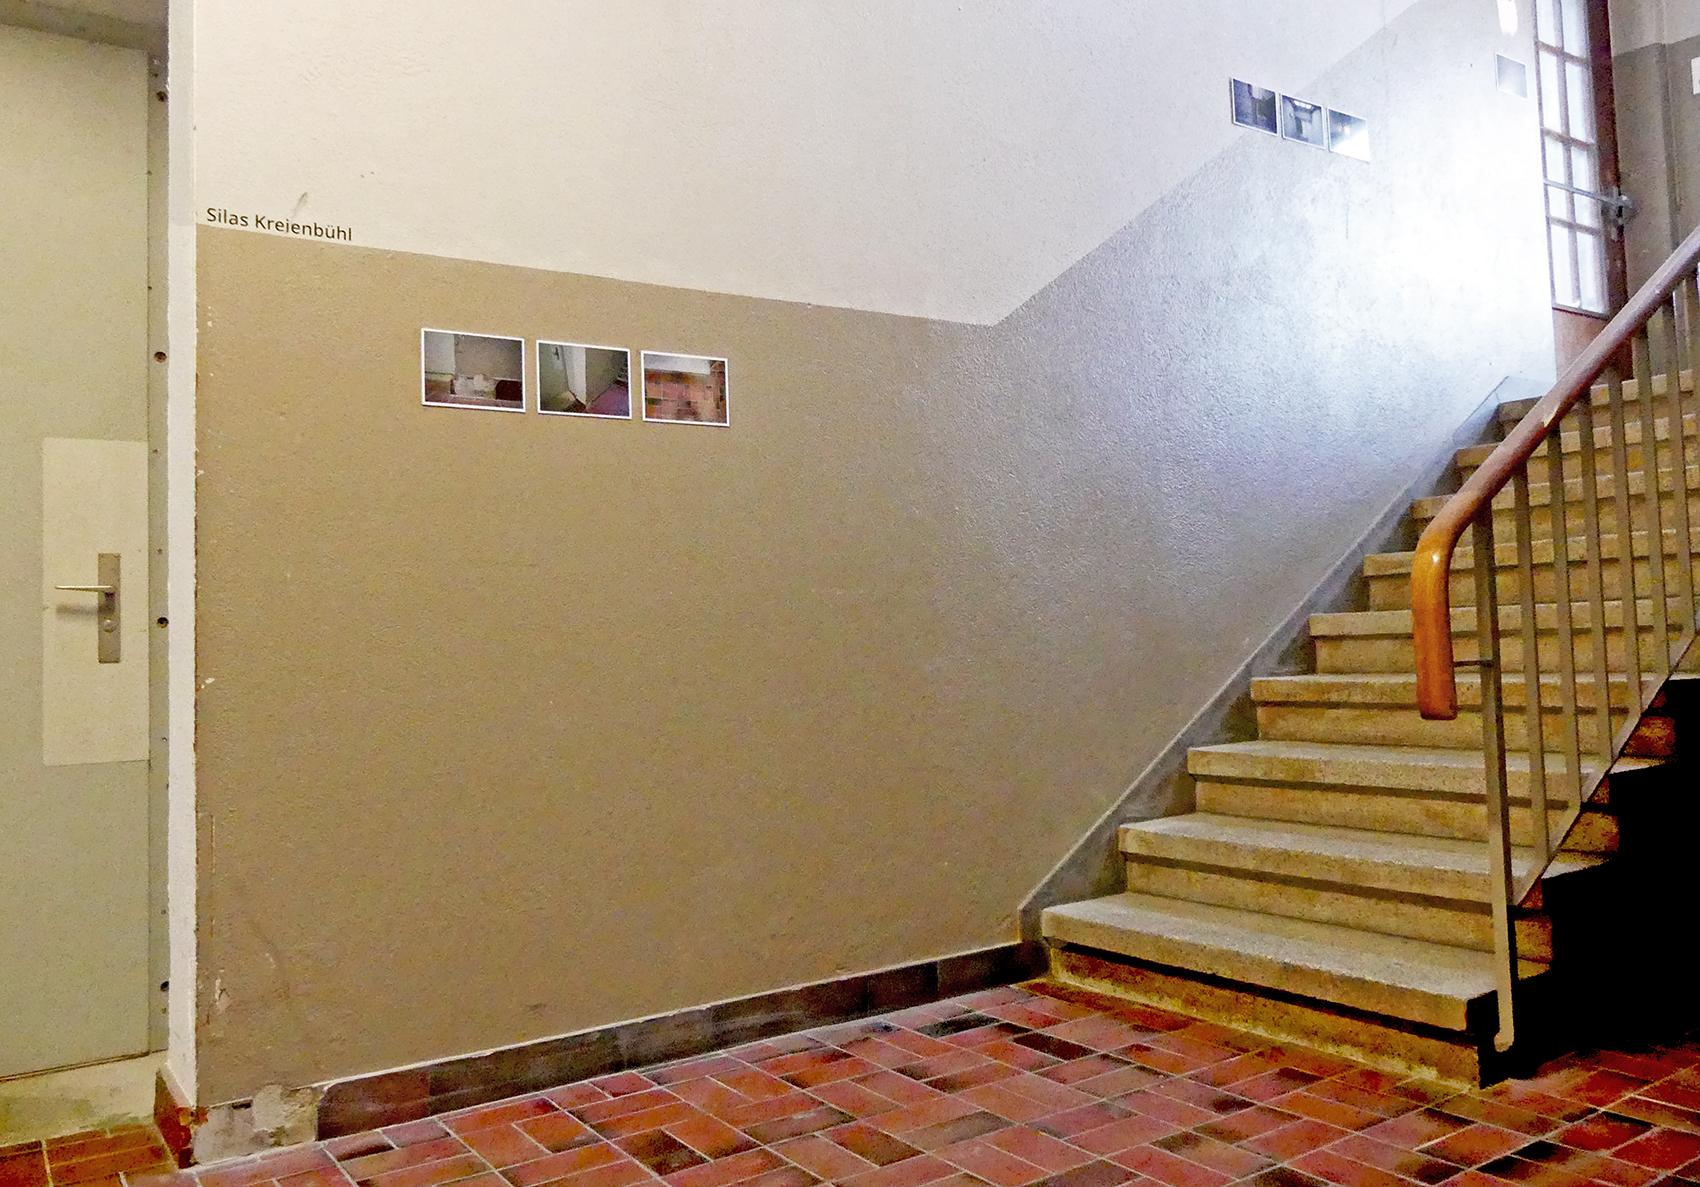 Das Kunstprojekt von Silas Kreienbühl im Treppenhaus.